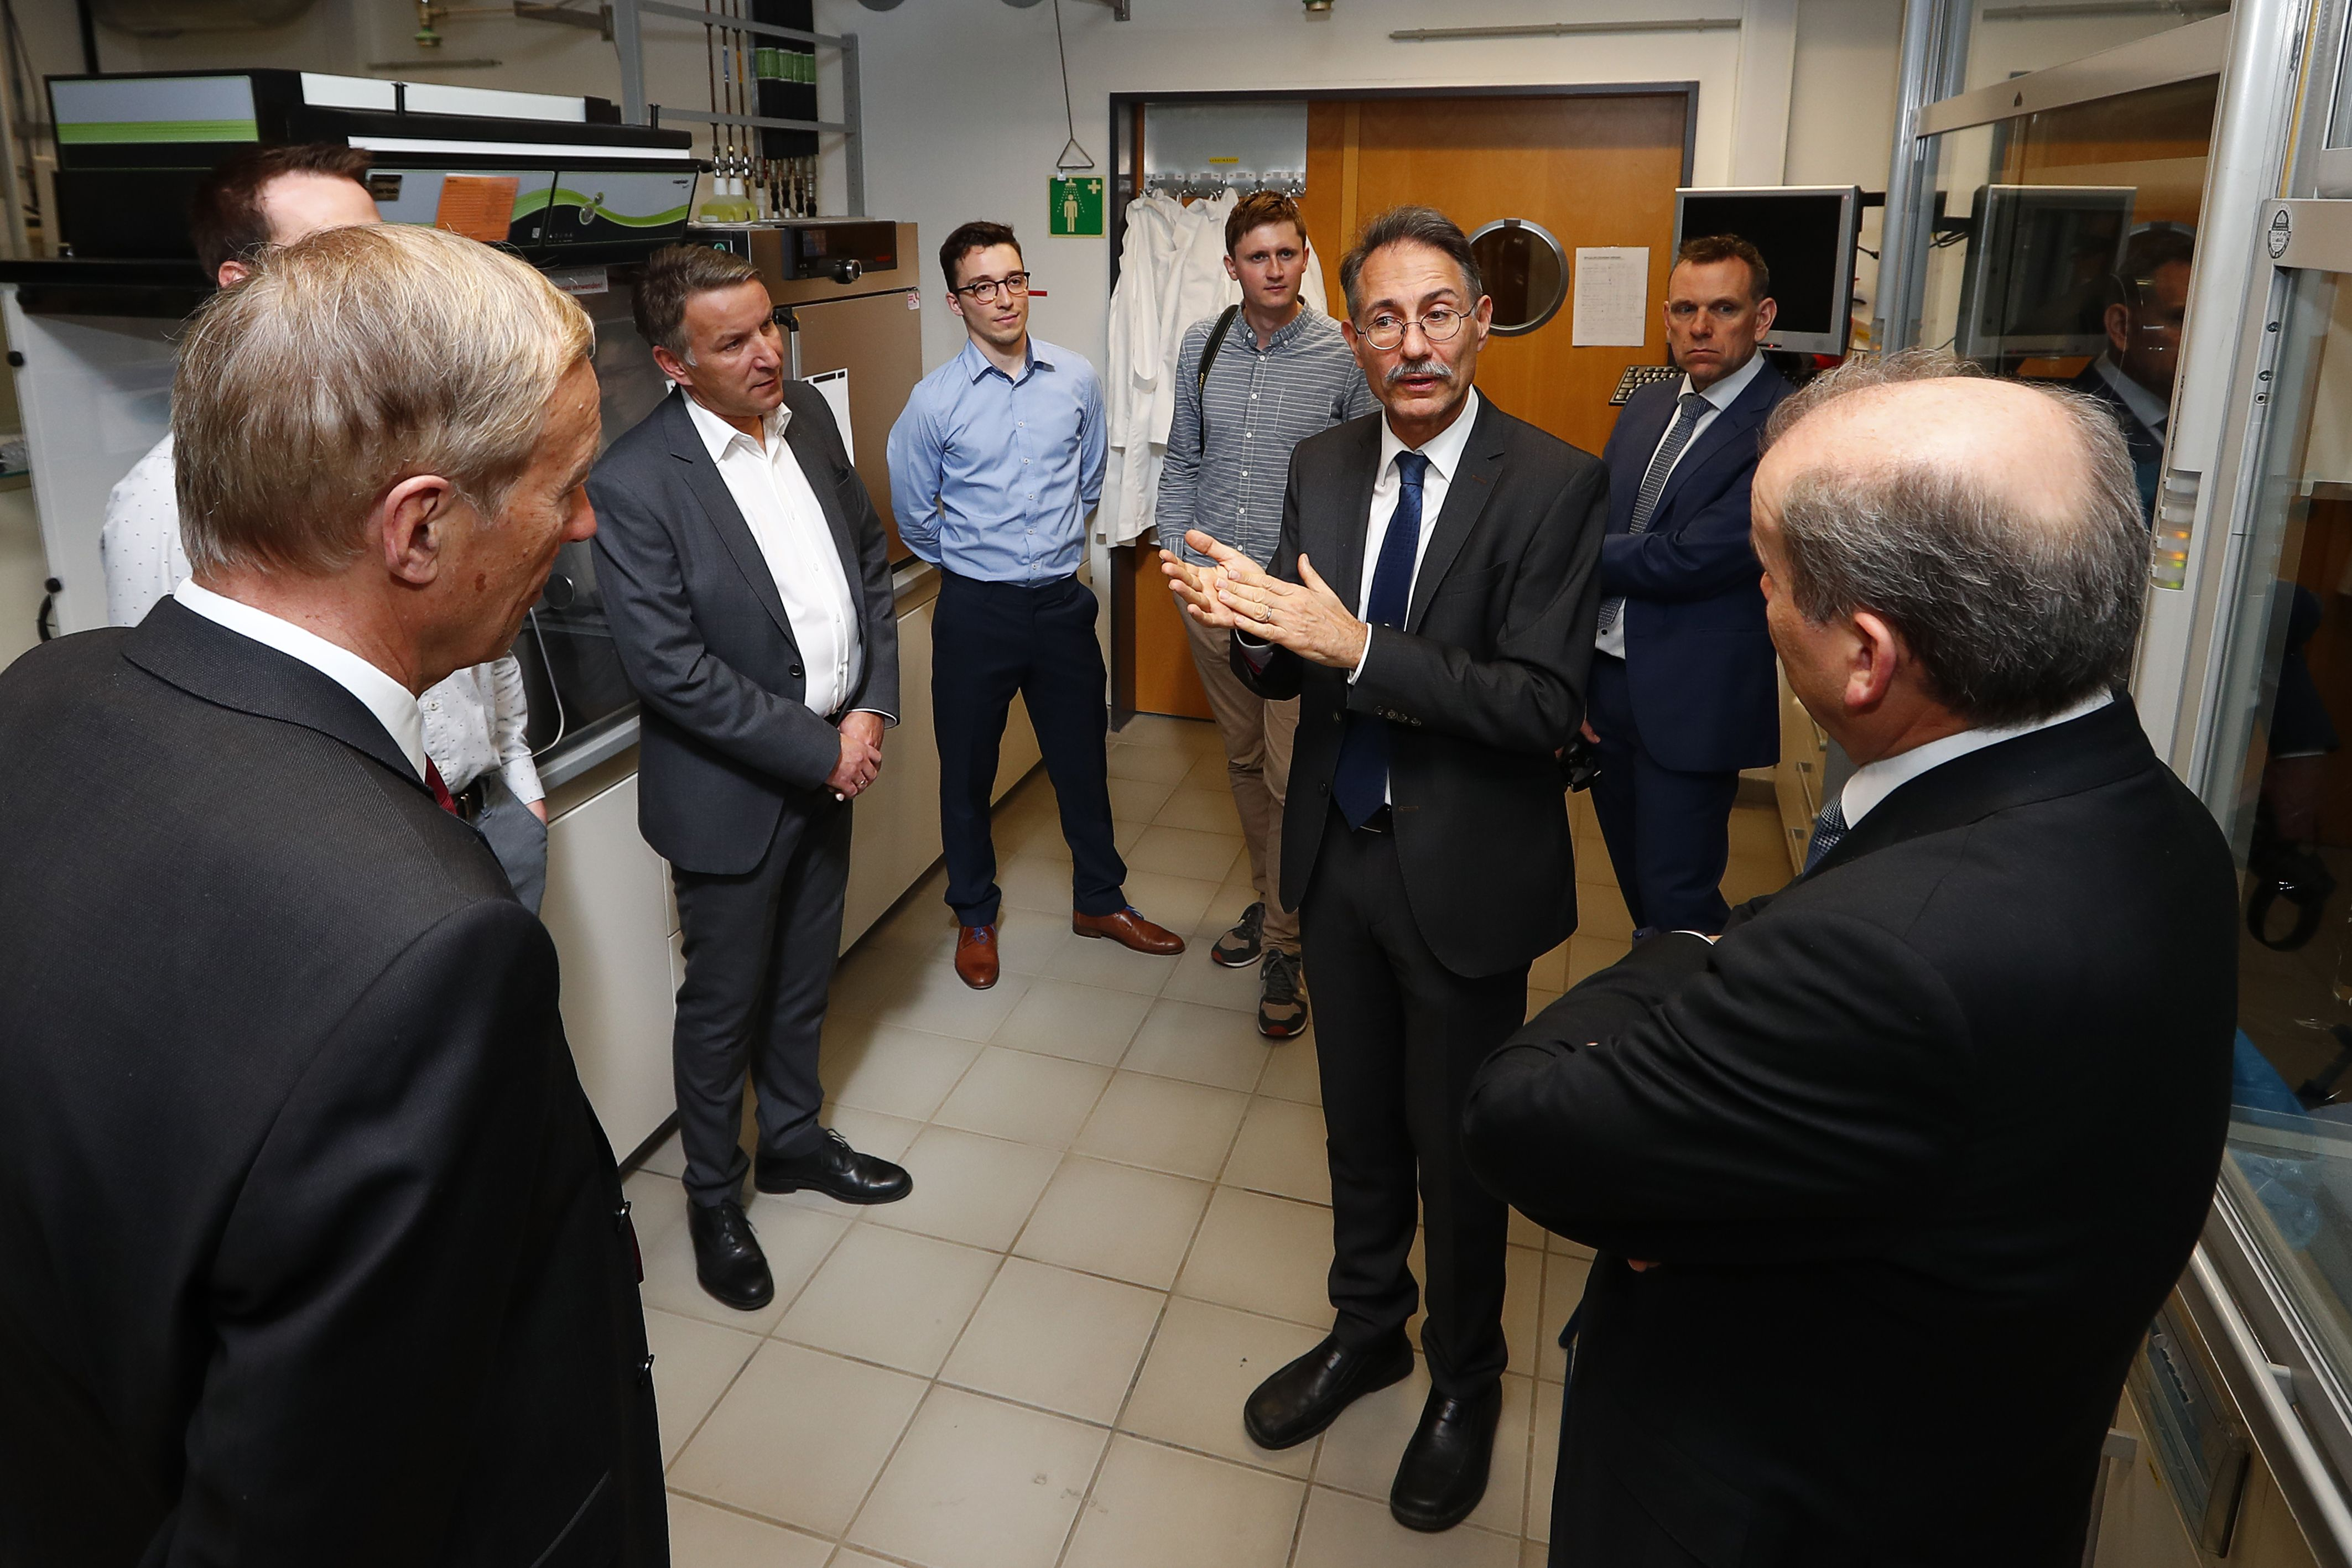 Laborführung an der Universität Bayreuth mit Prof. Dr. Ralf Moos